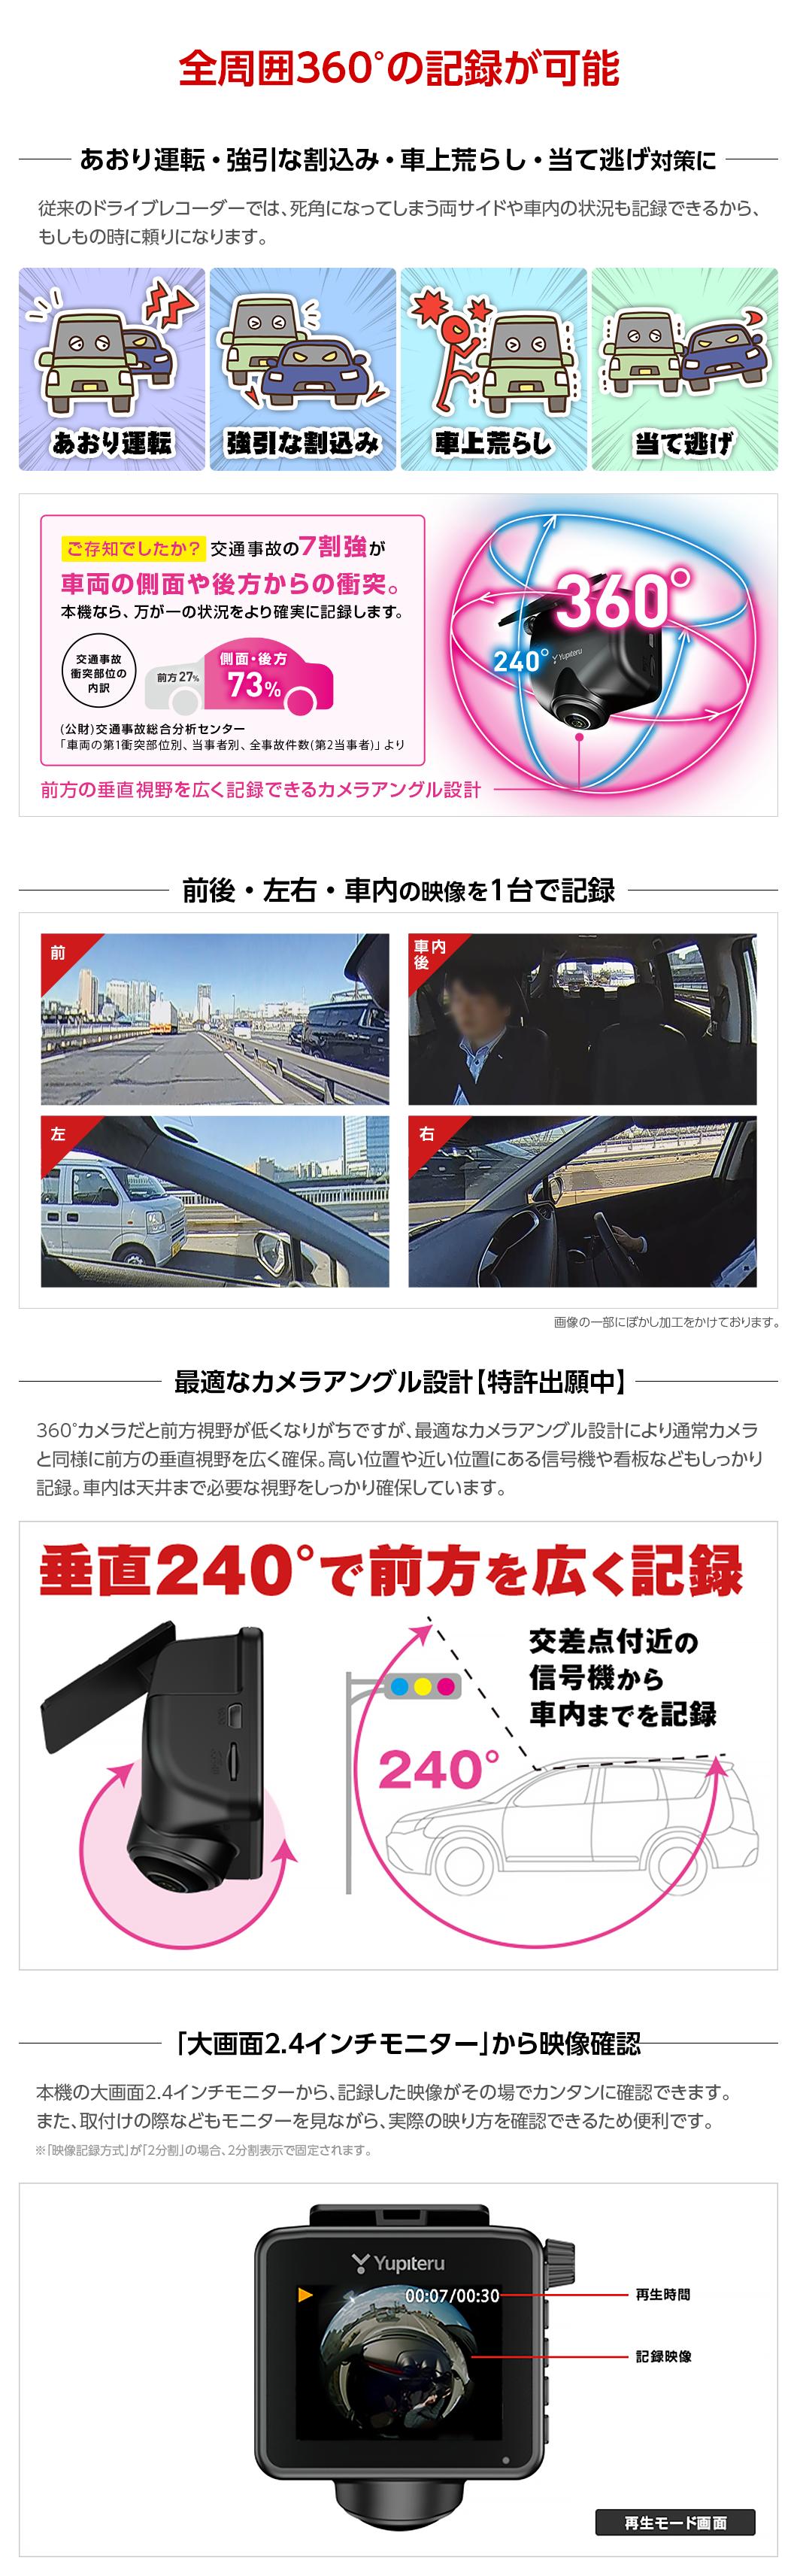 全周囲360°の記録が可能 前後・左右・車内の映像を1台で記録 最適なカメラアングル設計 大画面2.4インチモニターから映像確認